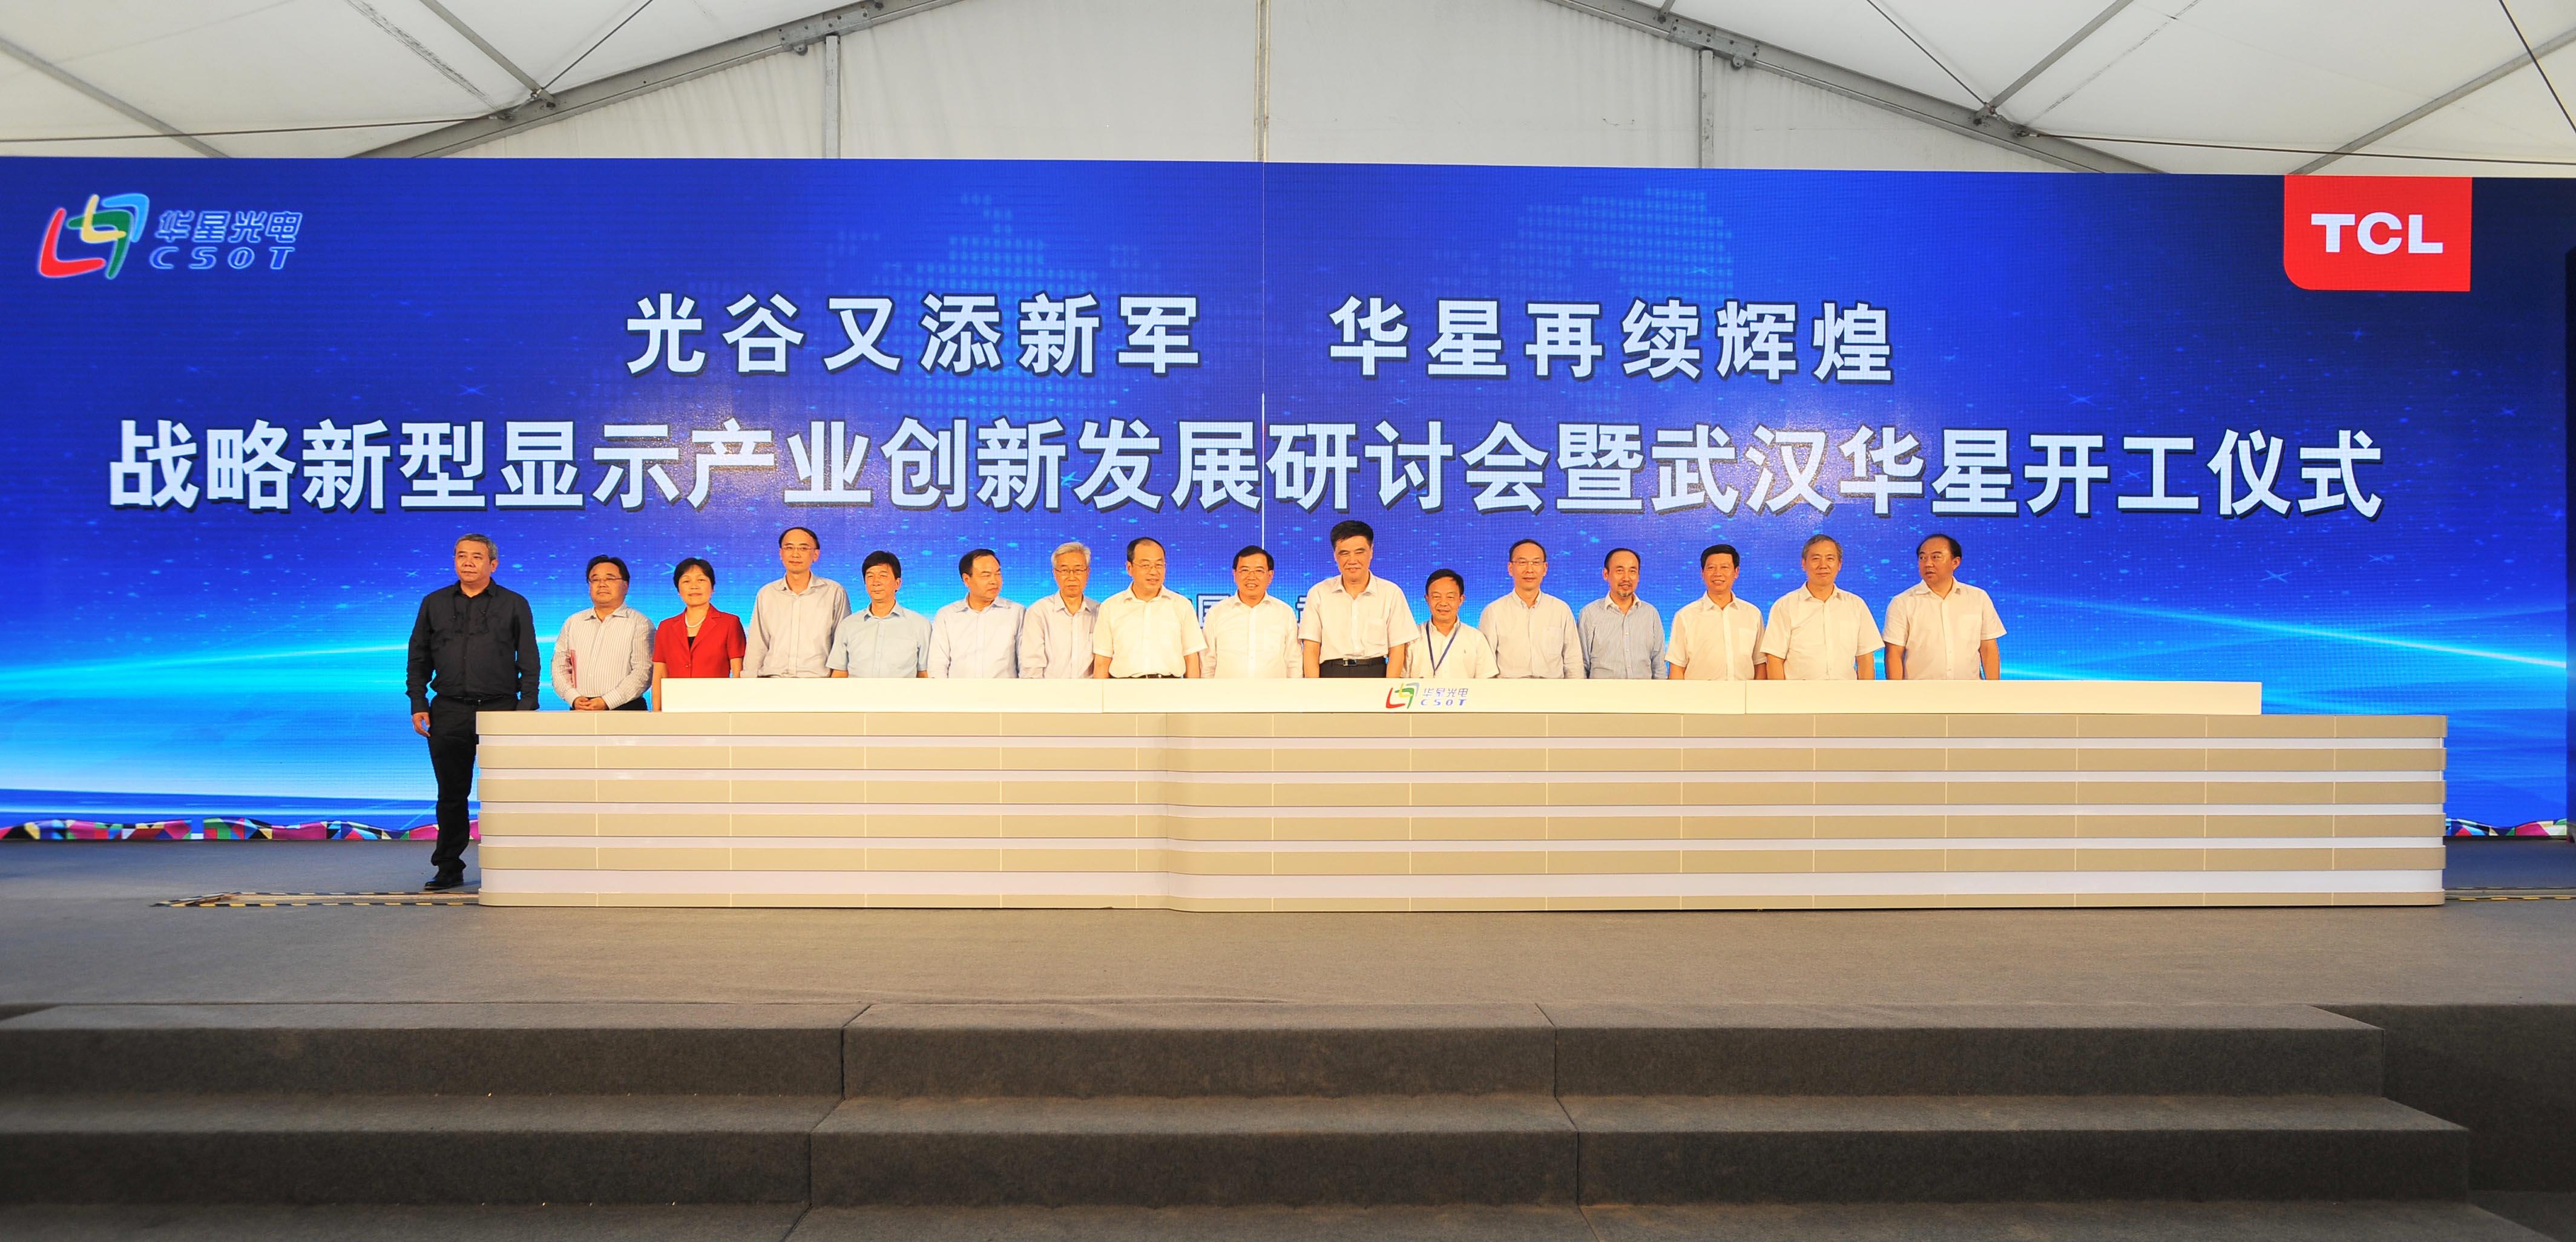 """华星光电投资160亿元建设的6代LTPS(低温多晶硅)显示面板生产线项目(简称""""t3项目""""),在武汉光谷左岭正式开工建设。"""